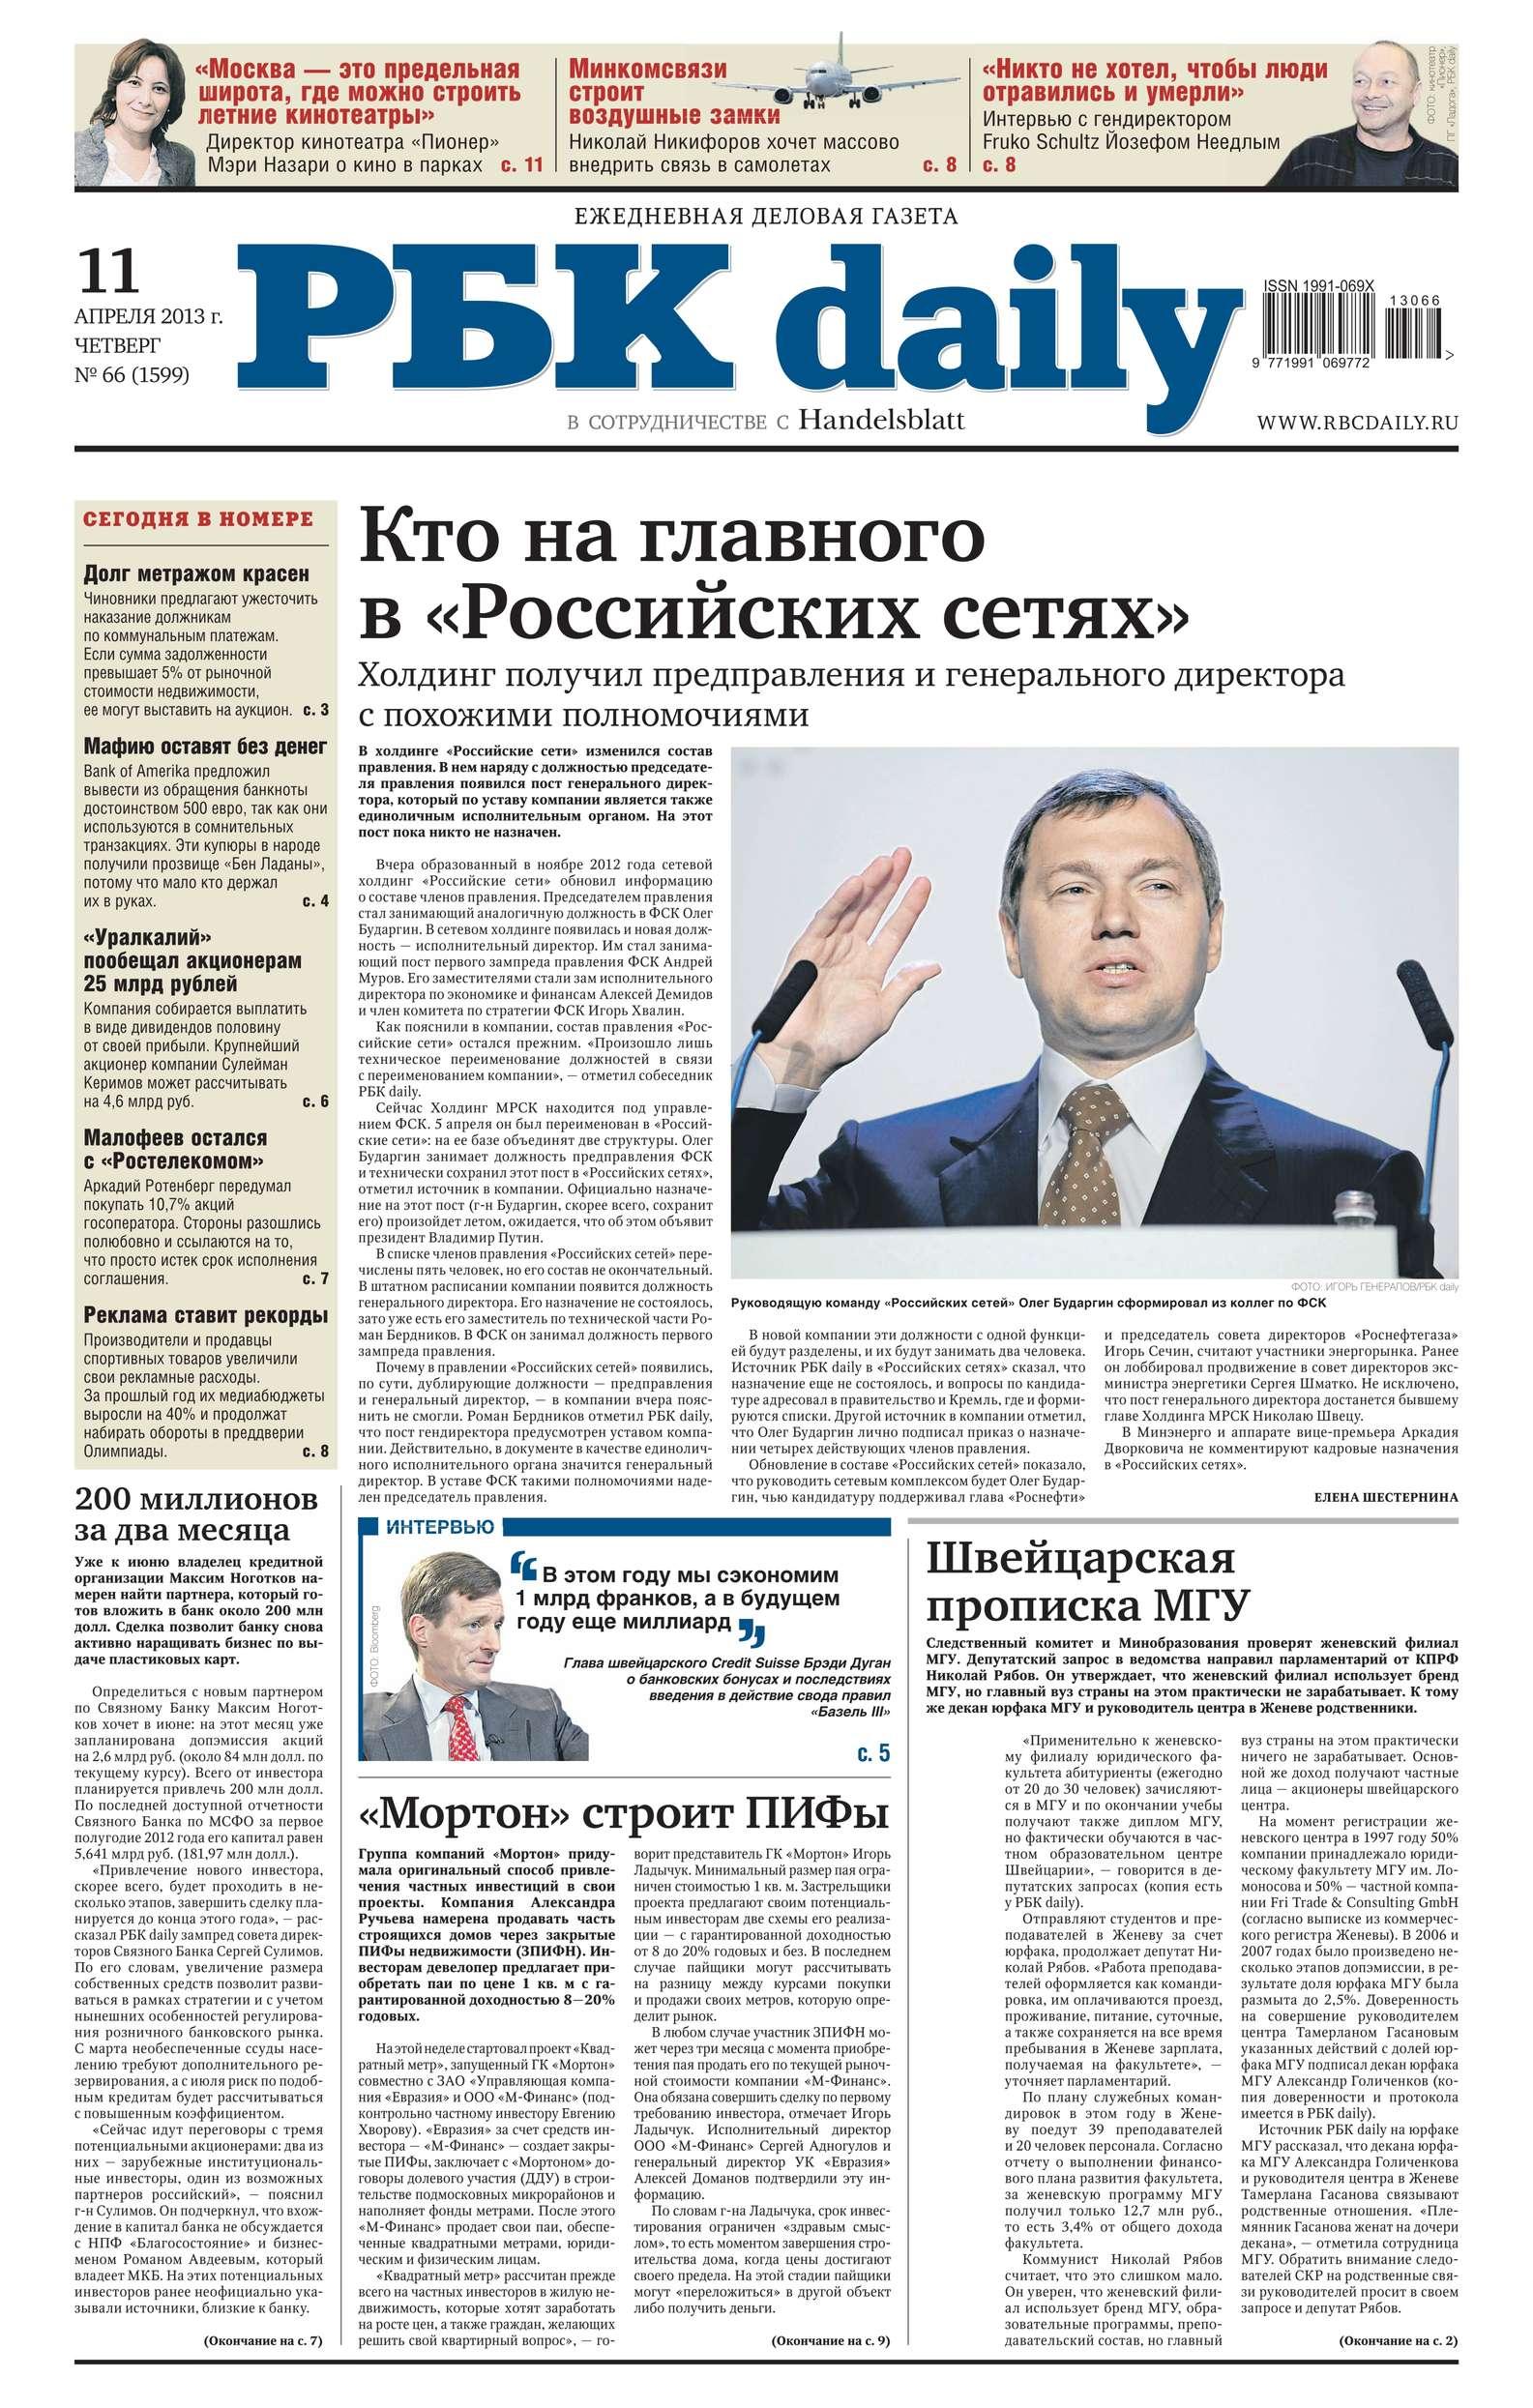 Ежедневная деловая газета РБК 66